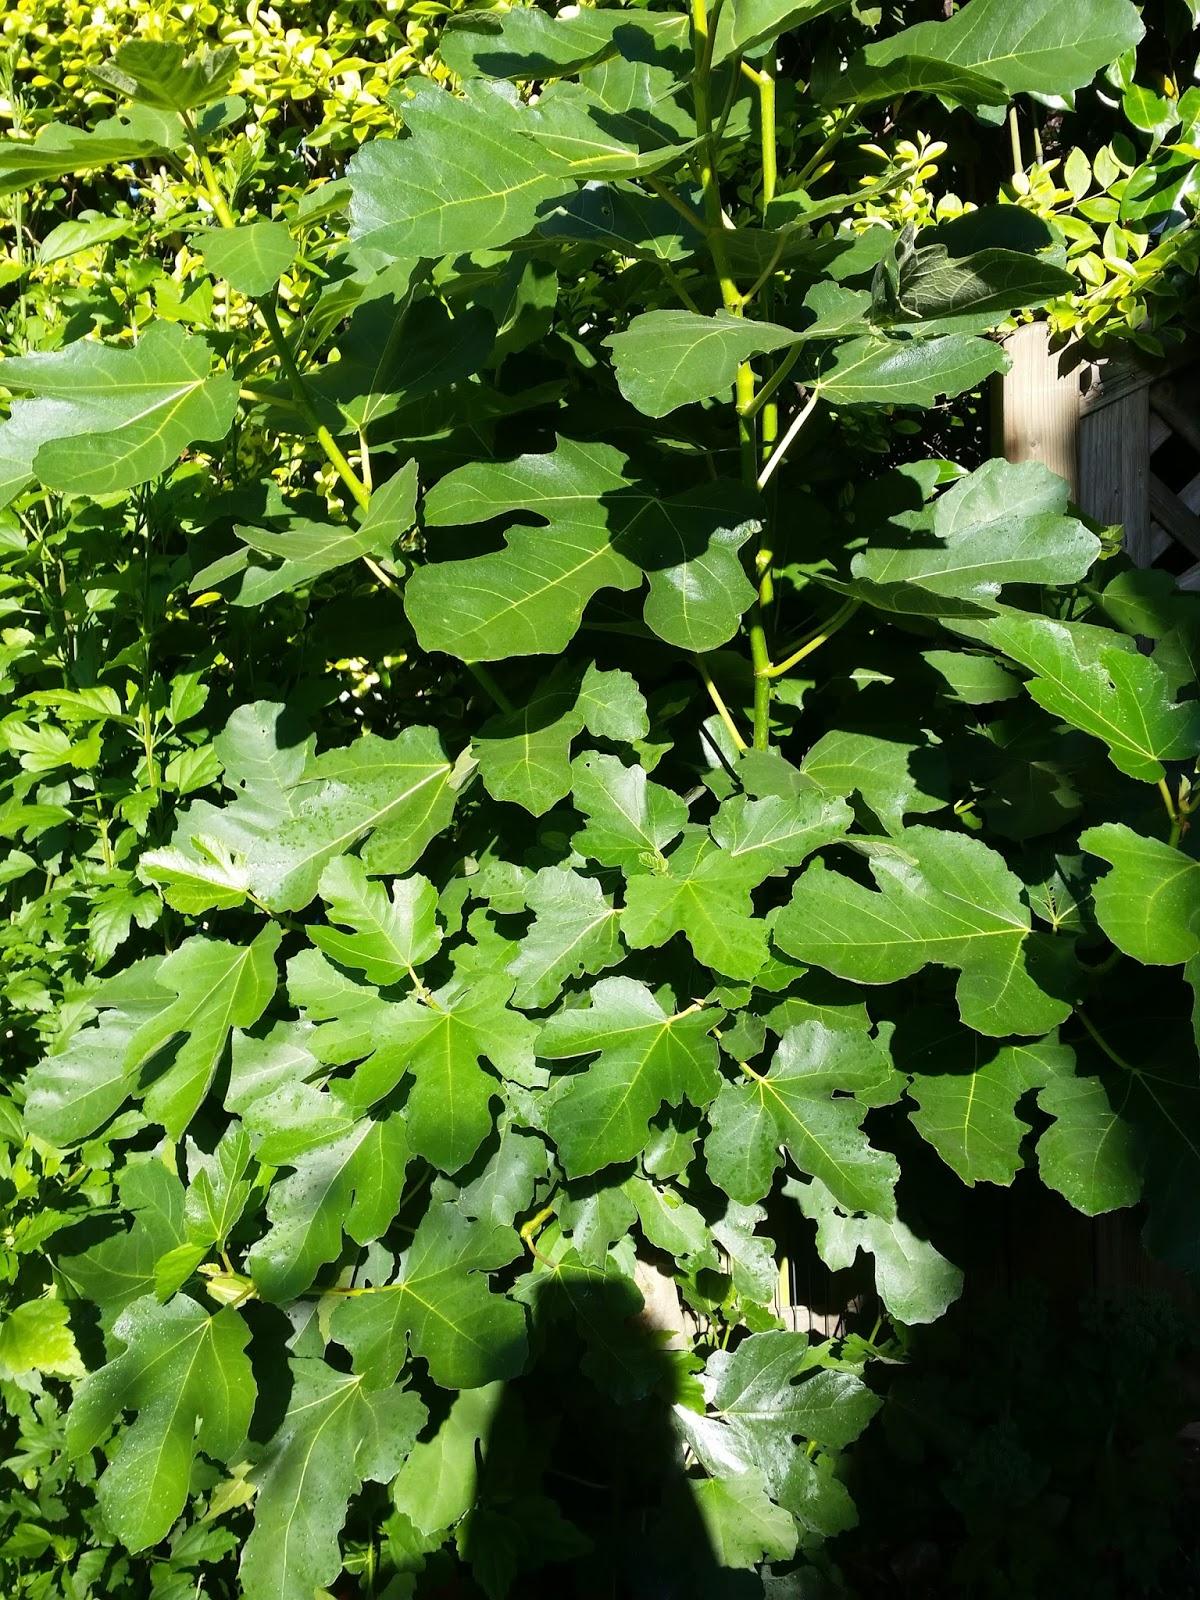 Ich Dünge Meine Pflanzen Regelmäßig Und Pflege Sie, Trotzdem Kommt Es In  Regelmäßigen Abständen Auch Zu Schädlingsbefall.